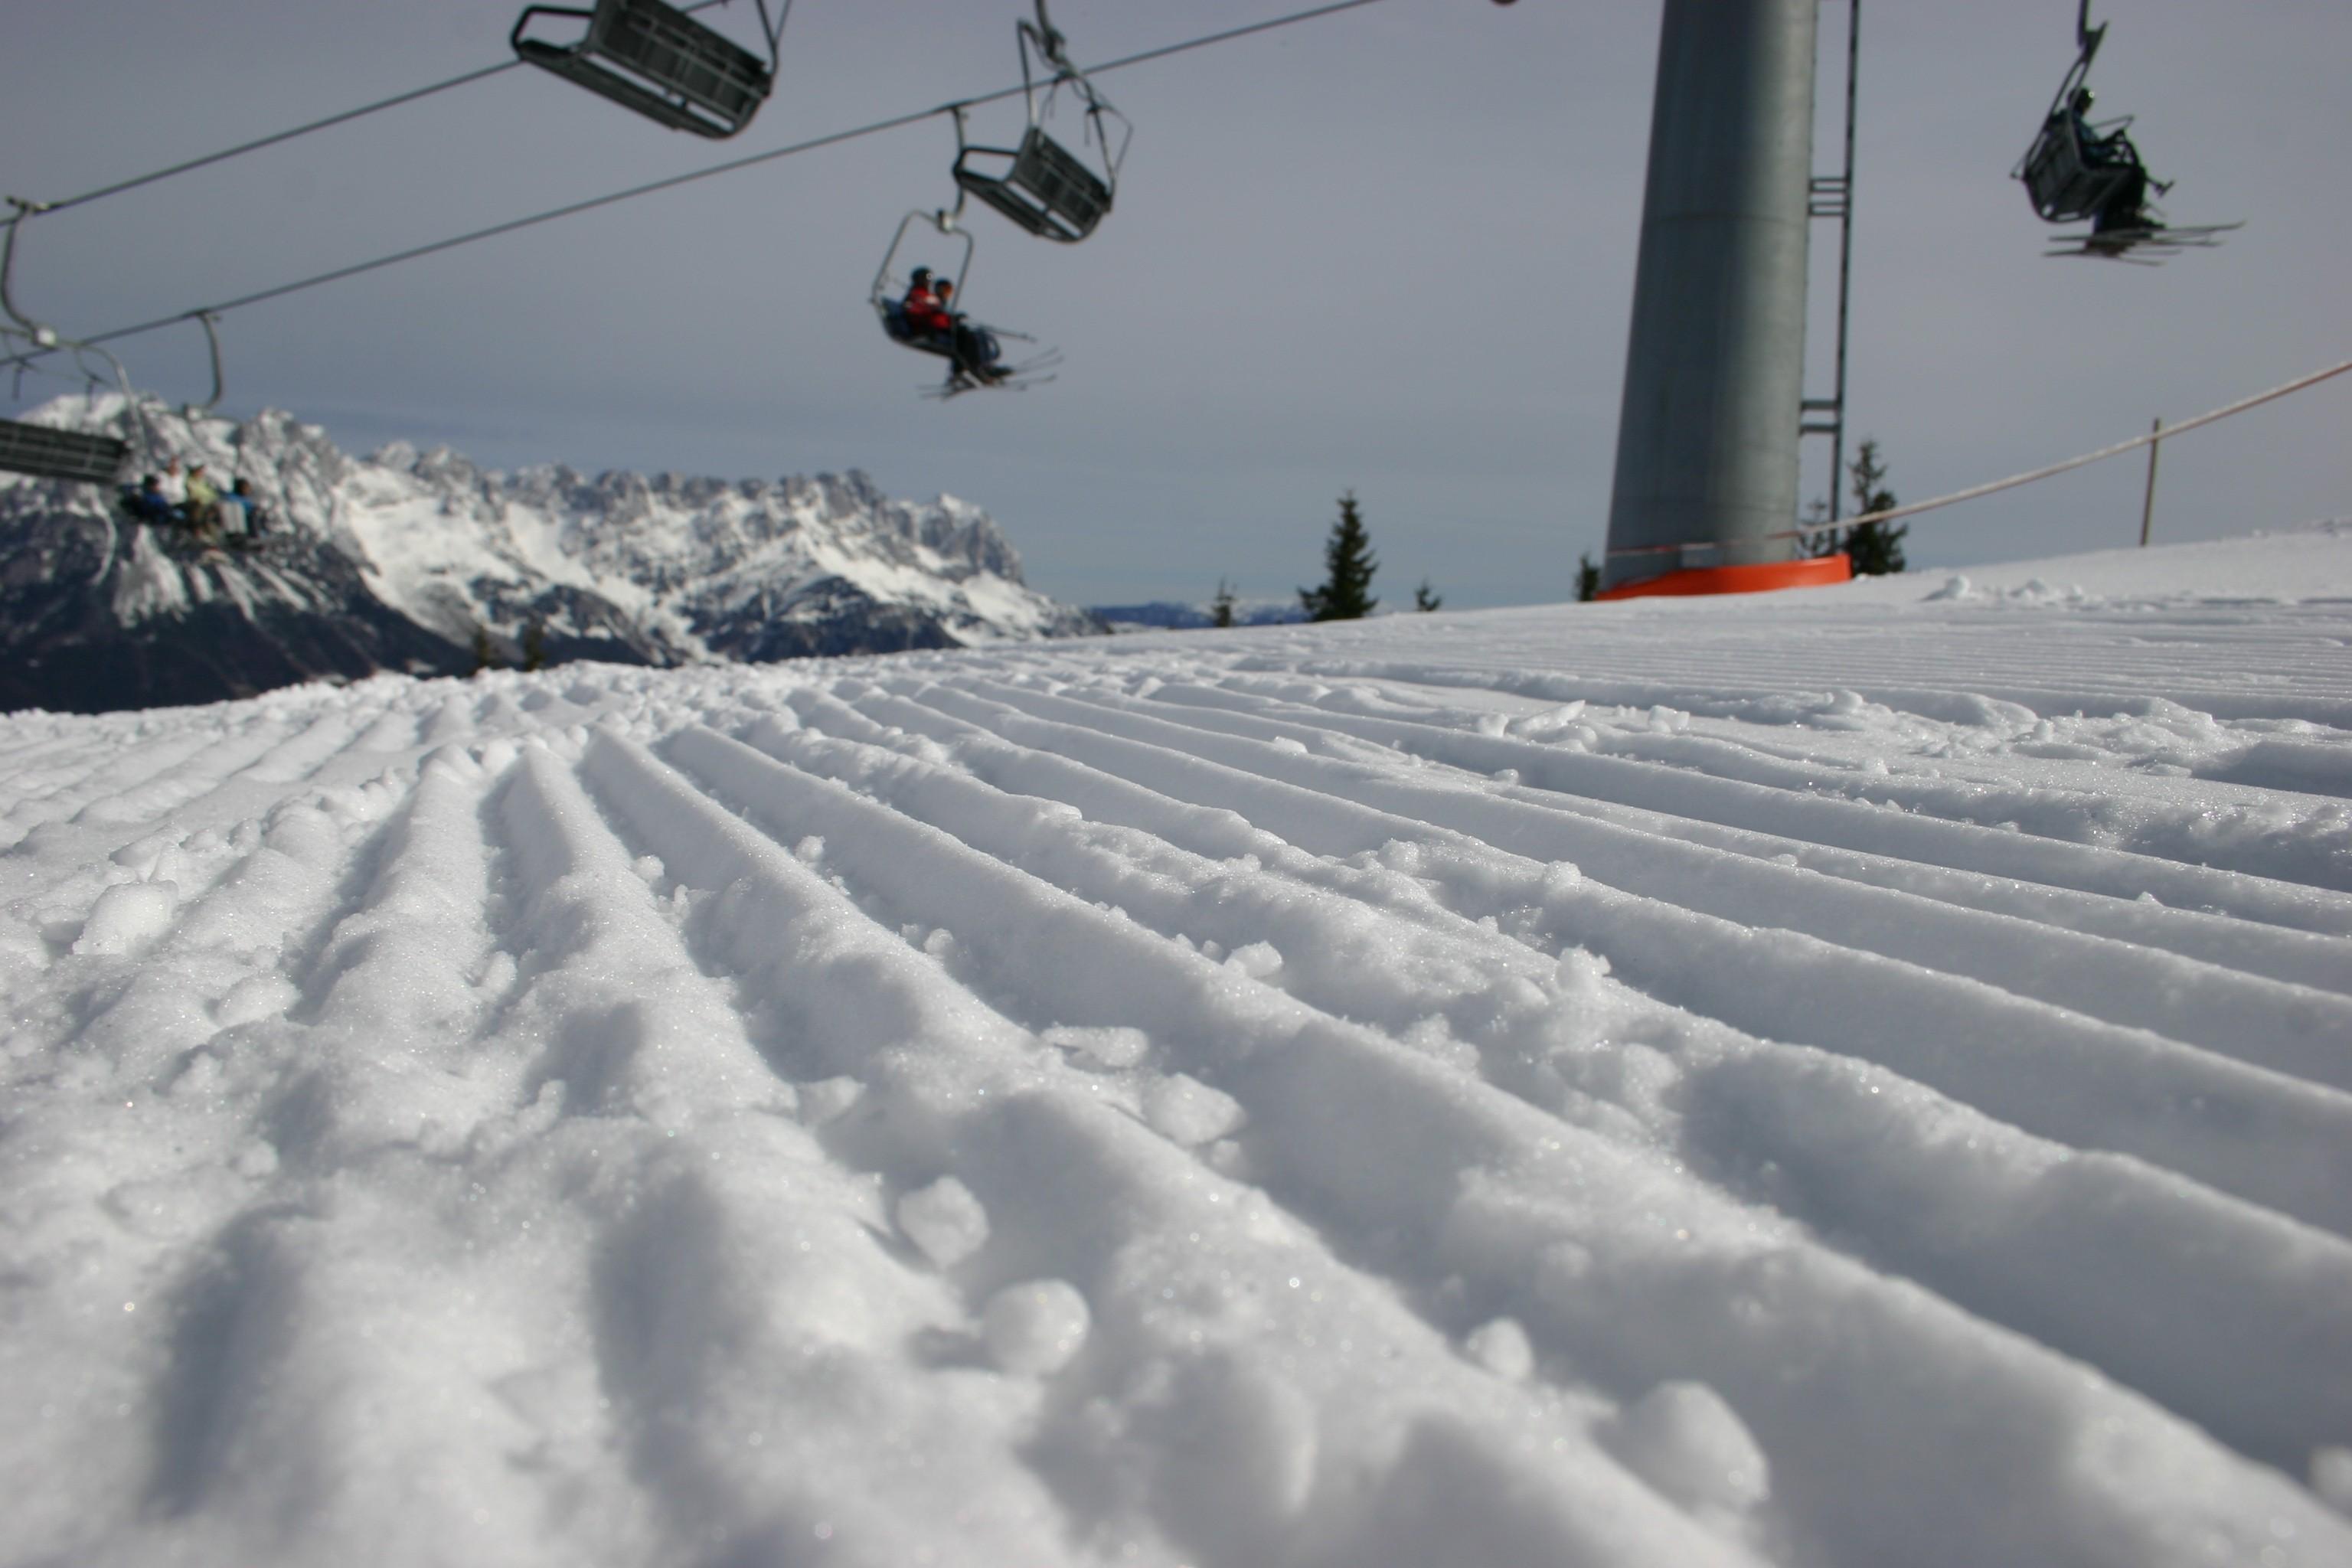 Kitzbüheler Alpen 442 - Dag 8